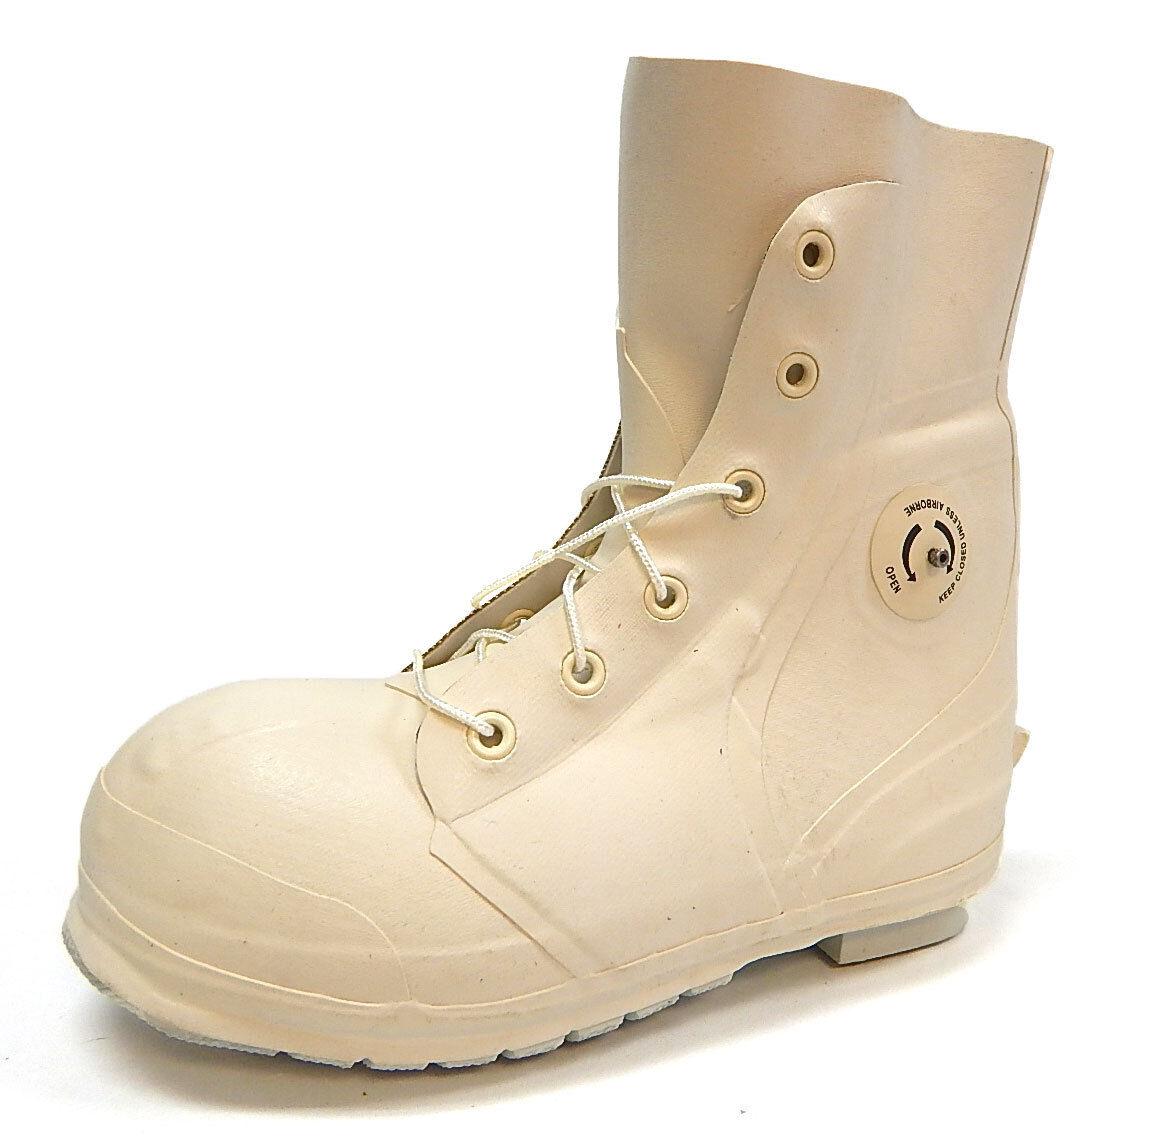 USGI blancoo Bunny botas -20 ° + clima frío extremo tamaños de 7-14, XN-XW Mickey Mouse